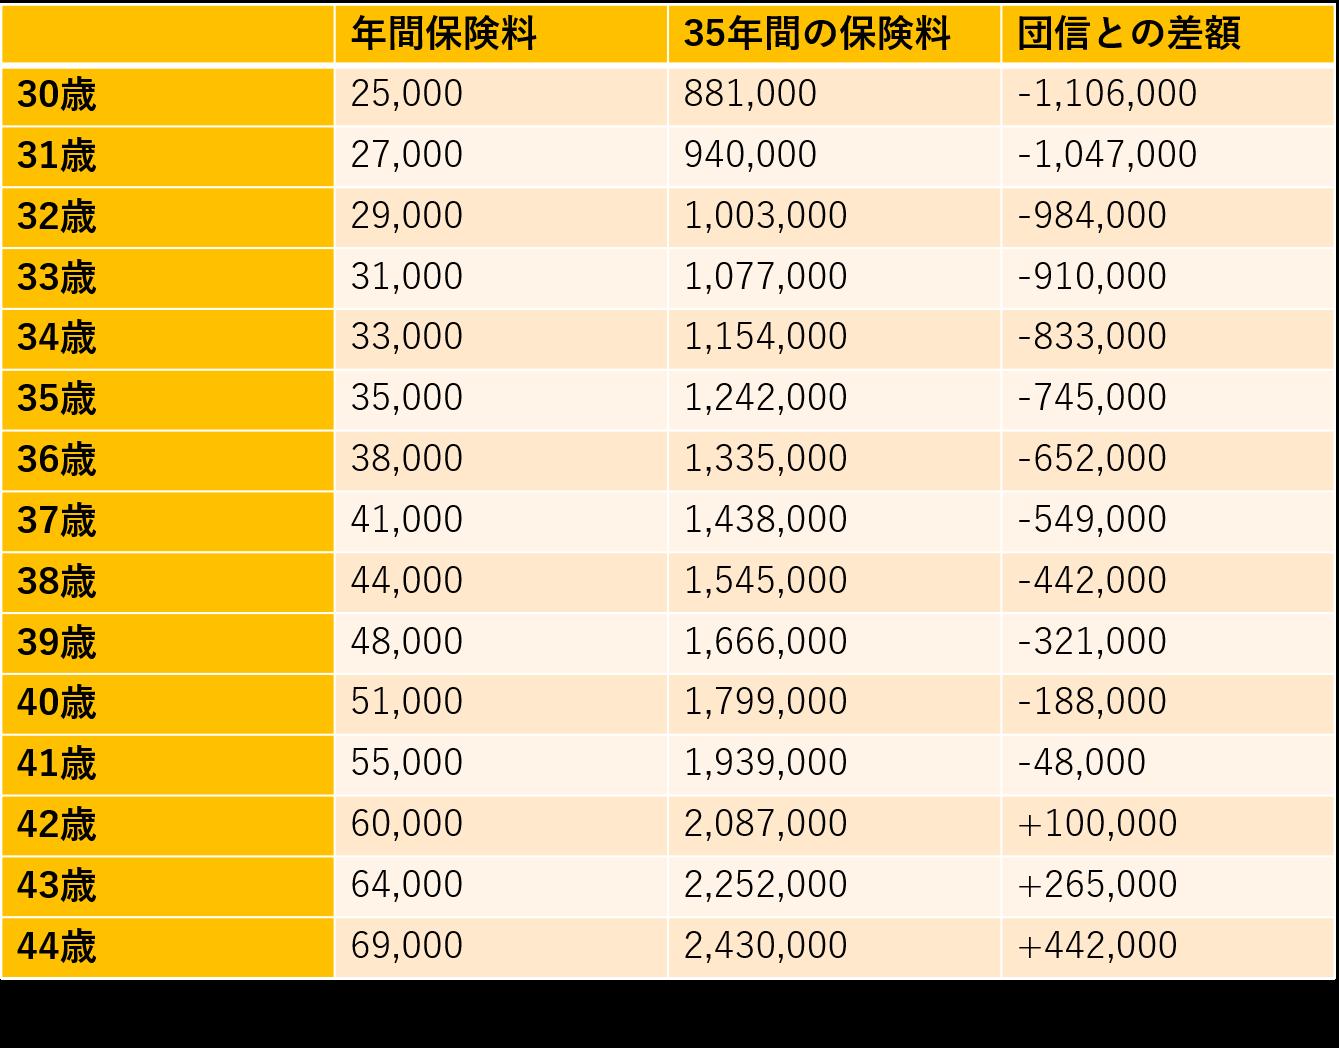 団信と生命保険金額比較